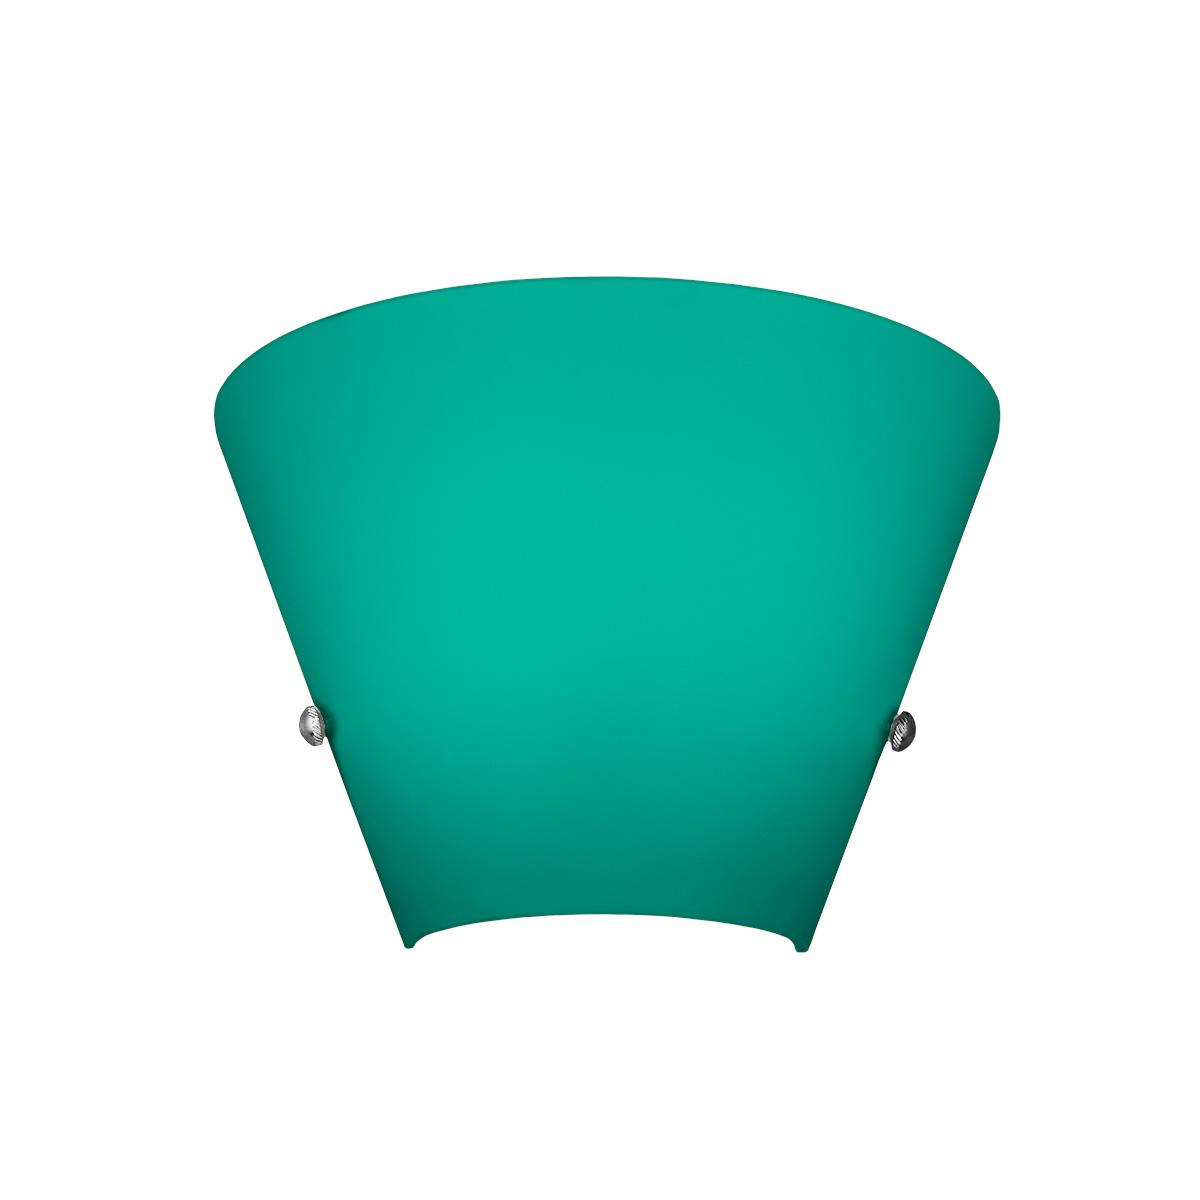 Πράσινο φωτιστικό τοίχου Μουράνο ΚΩΝΟΙ green Murano wall lamp